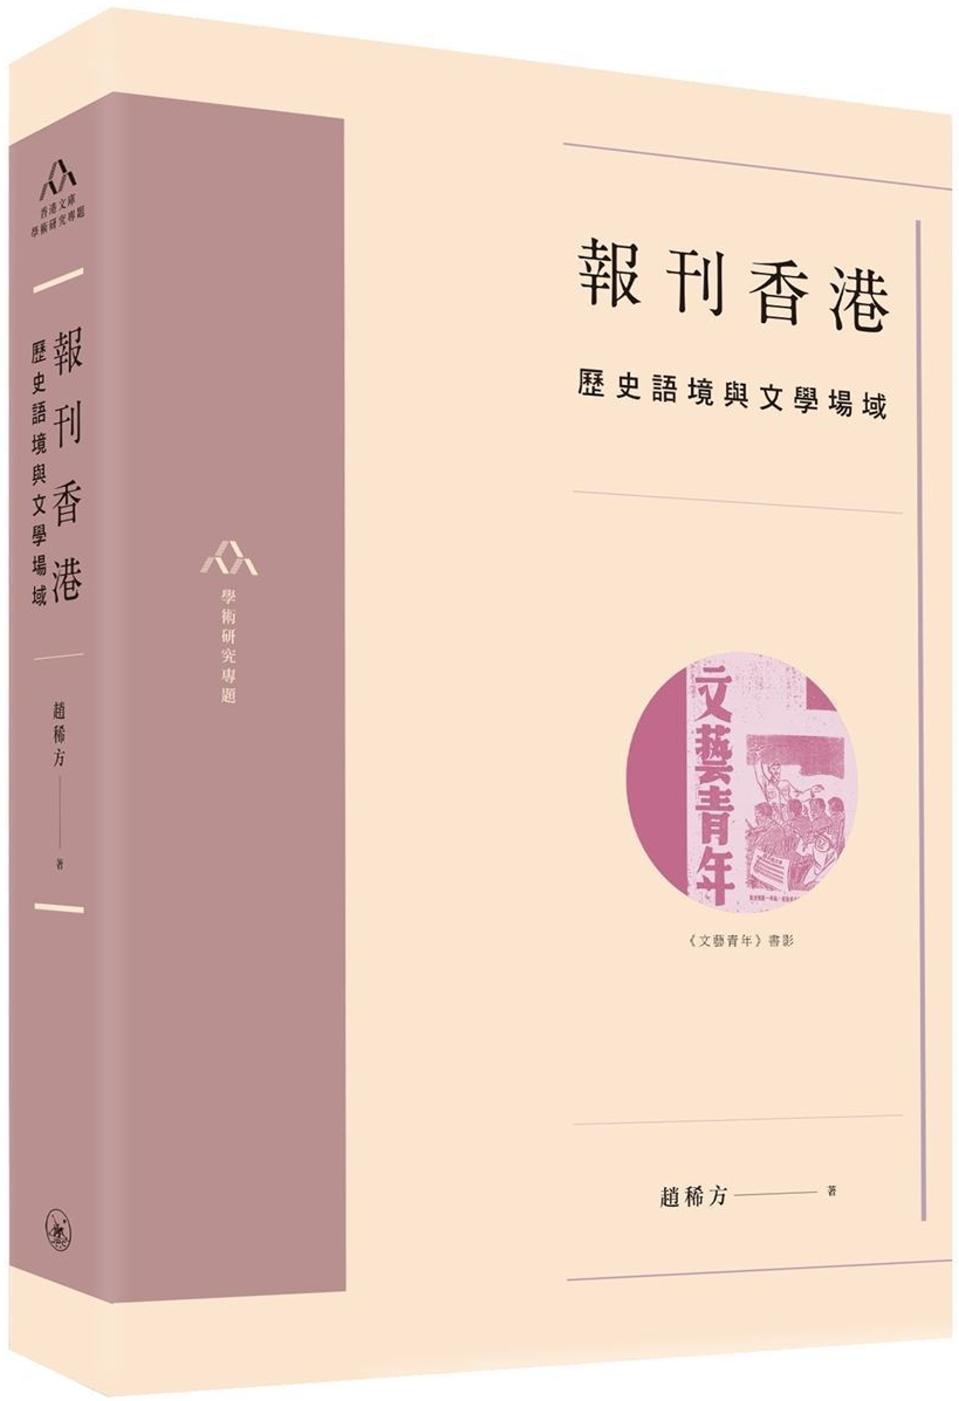 報刊香港:歷史語境與文學場域